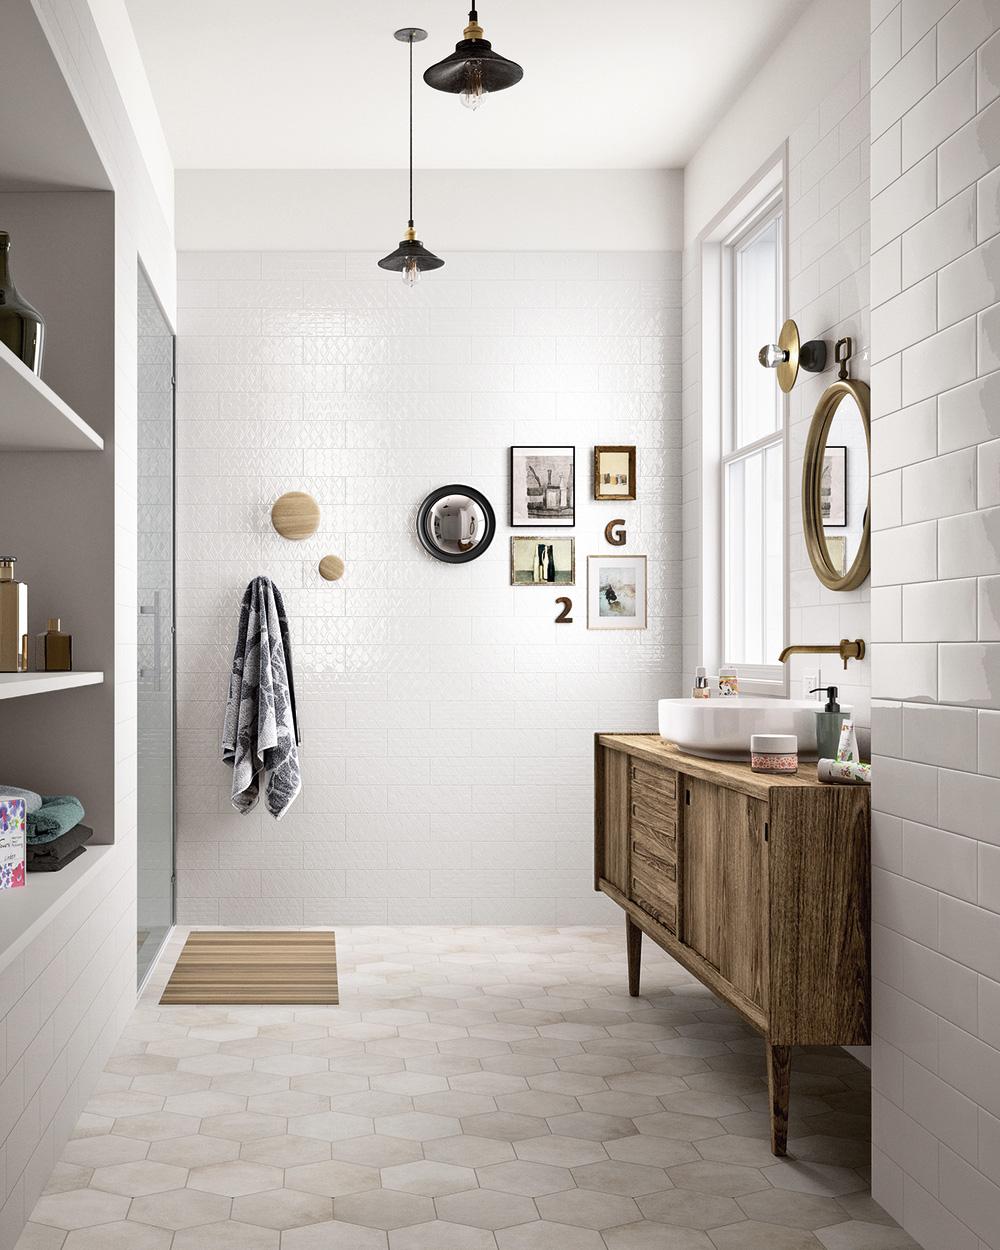 deco salle de bain meuble vasque scandinave